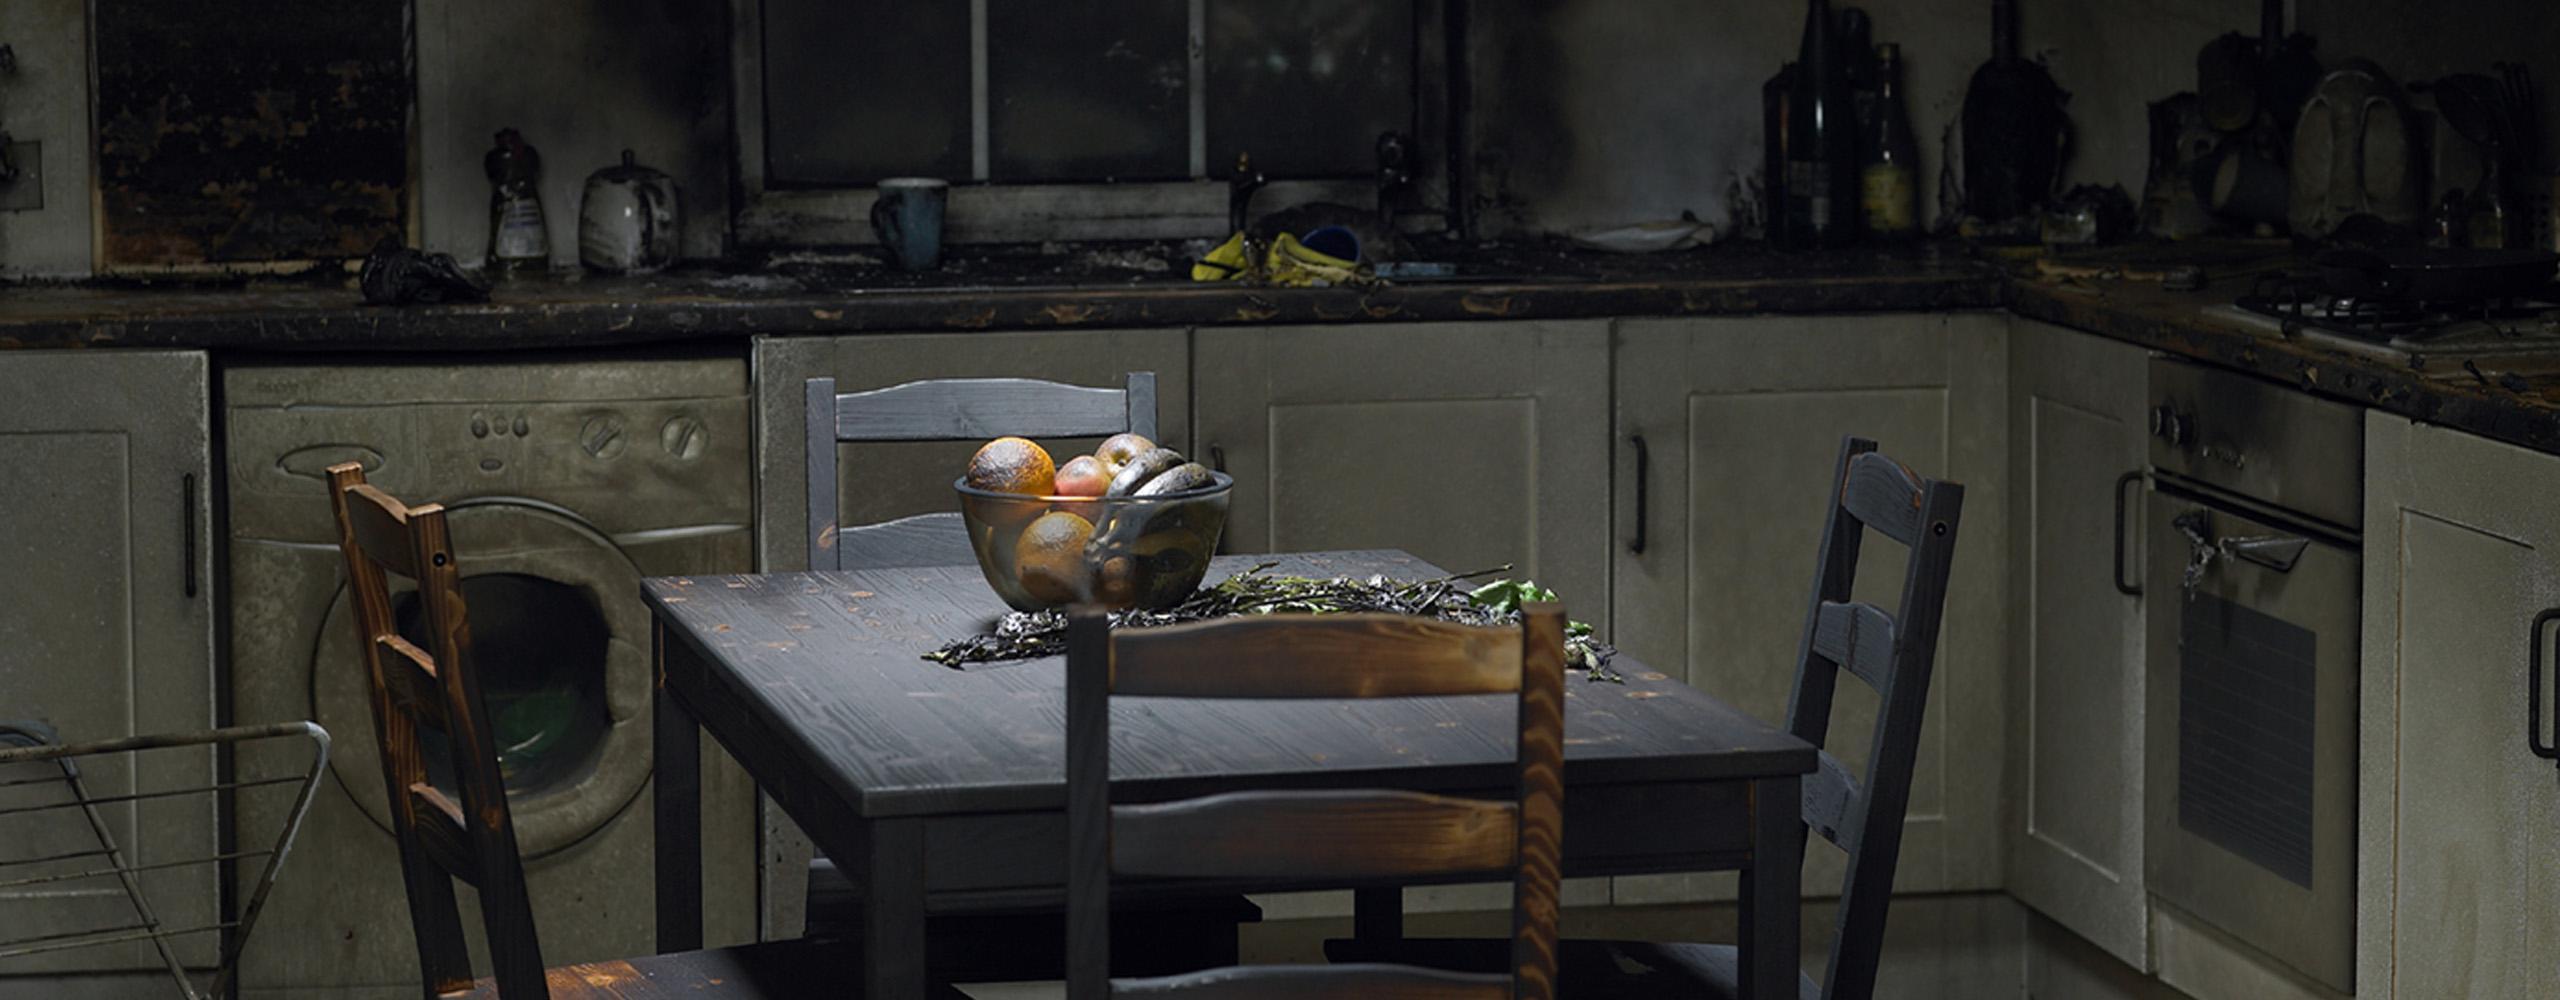 Убрать запах гари в квартире после пожара